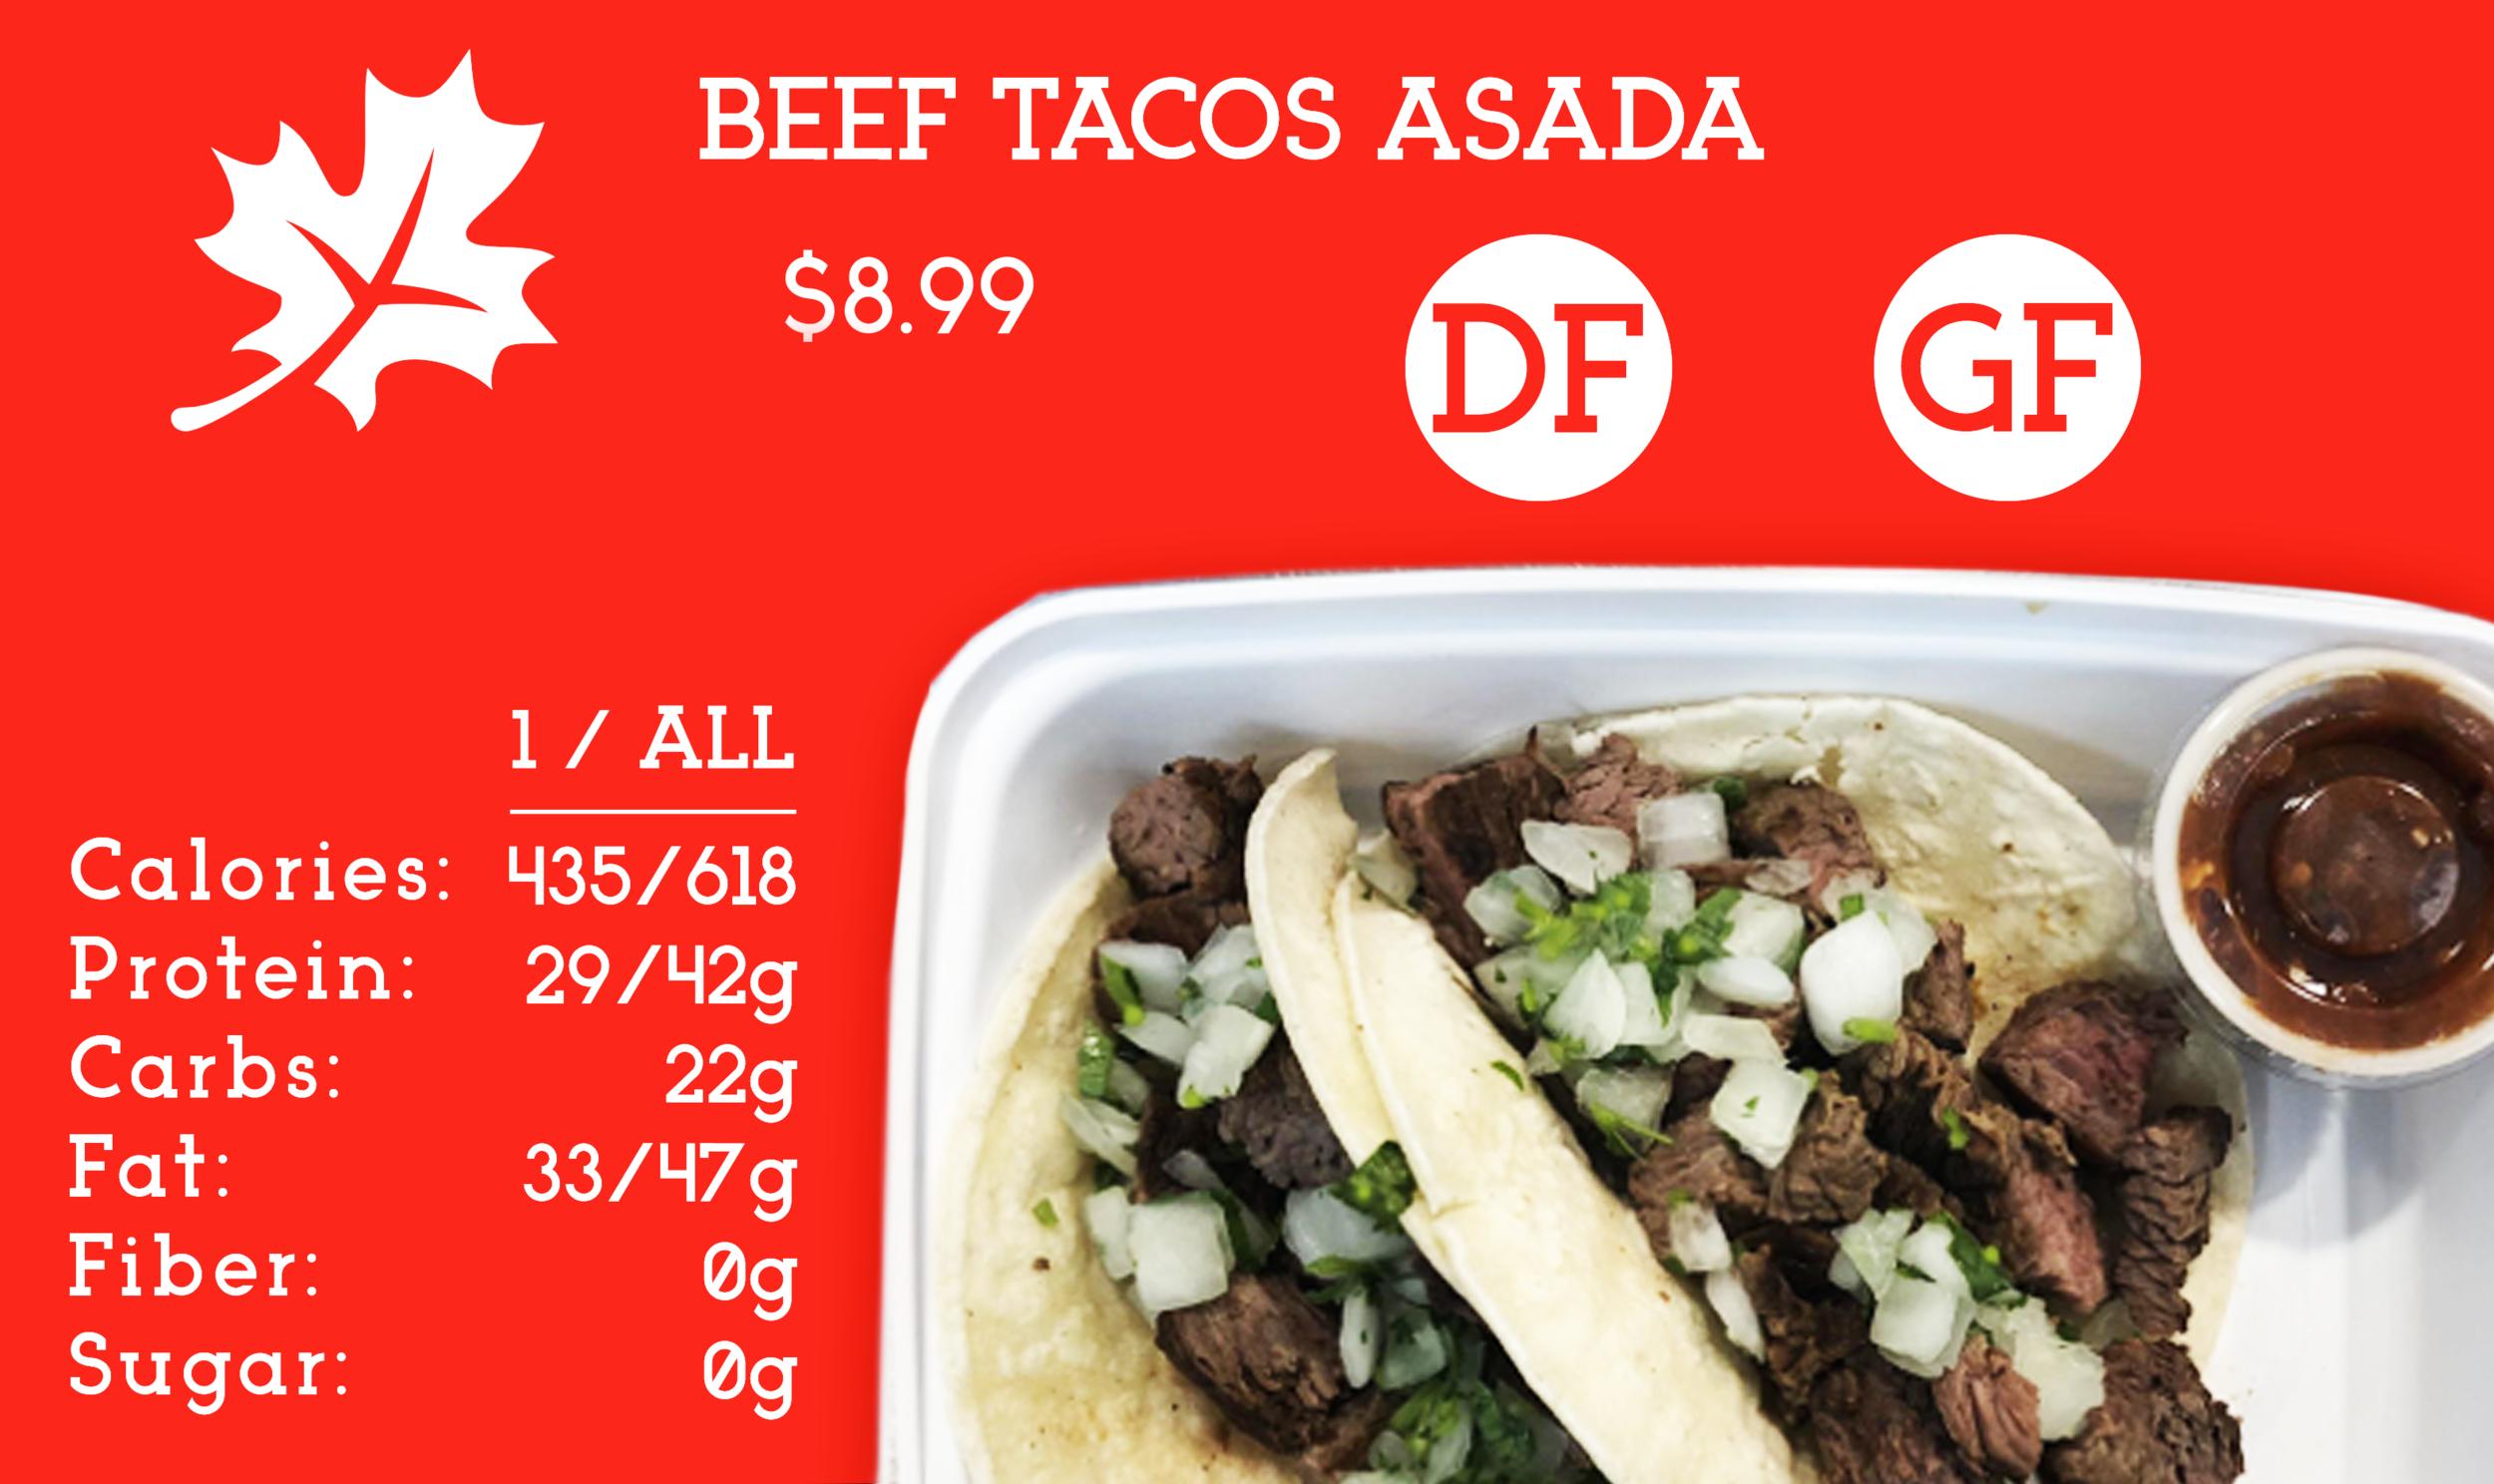 Beef Tacos Asada